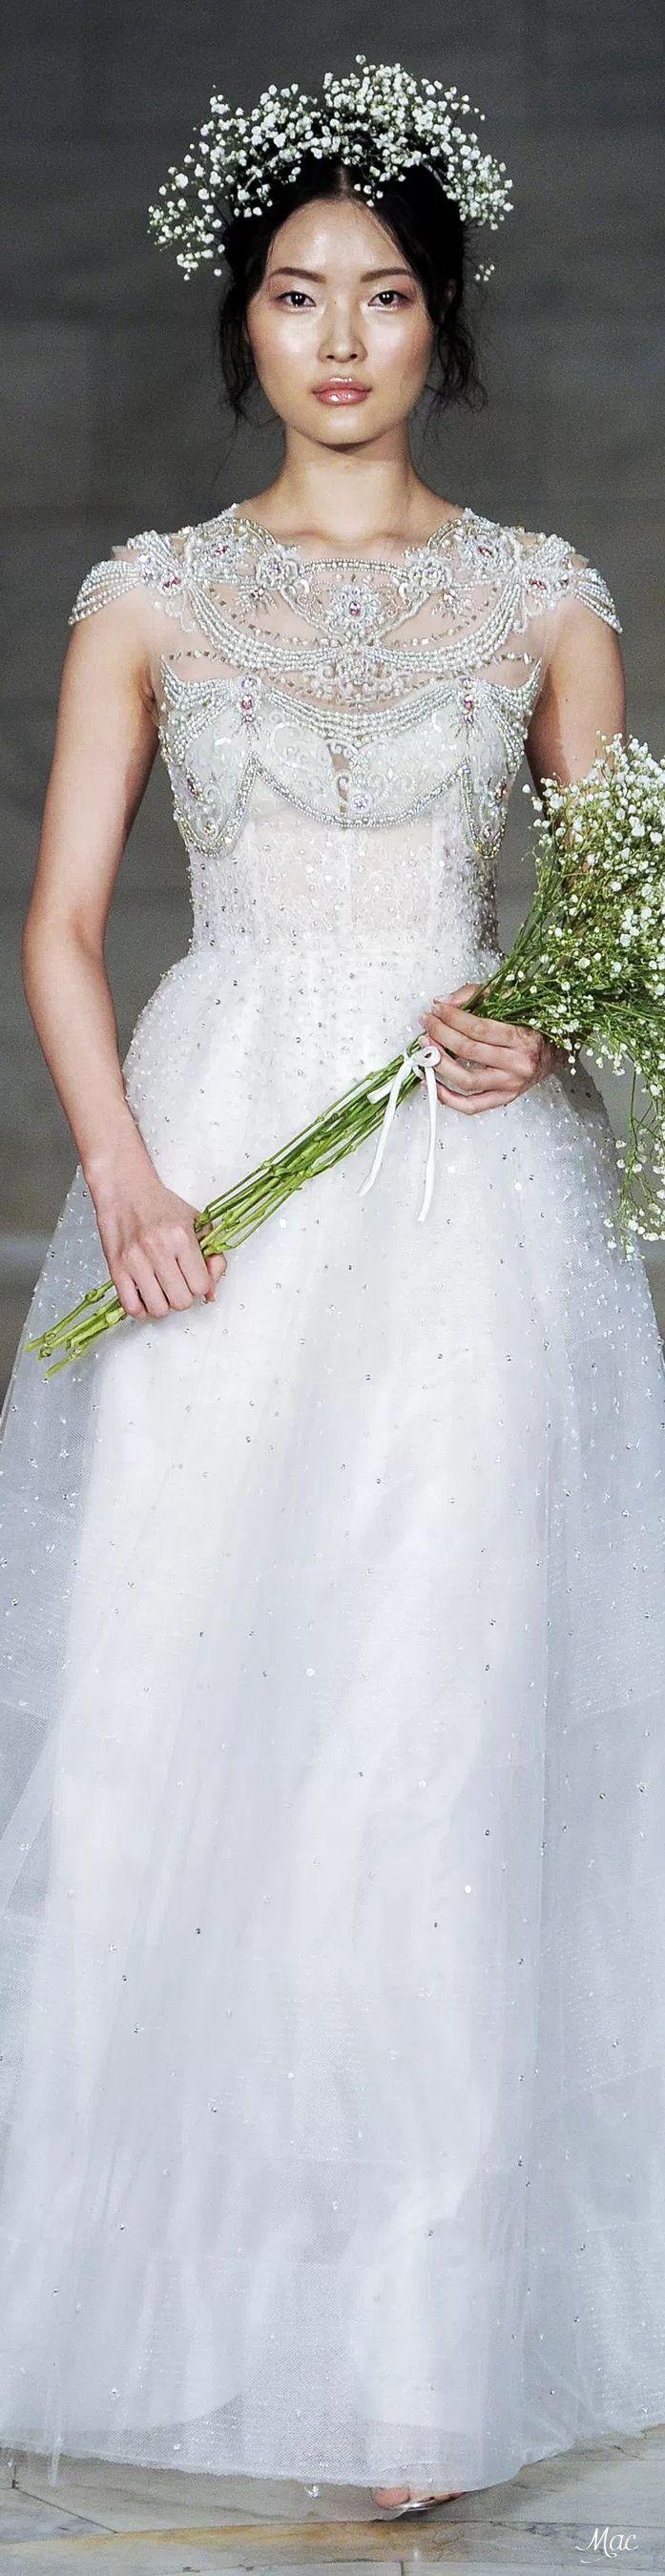 4487 besten Wedding Dress Bilder auf Pinterest | Hochzeitskleider ...